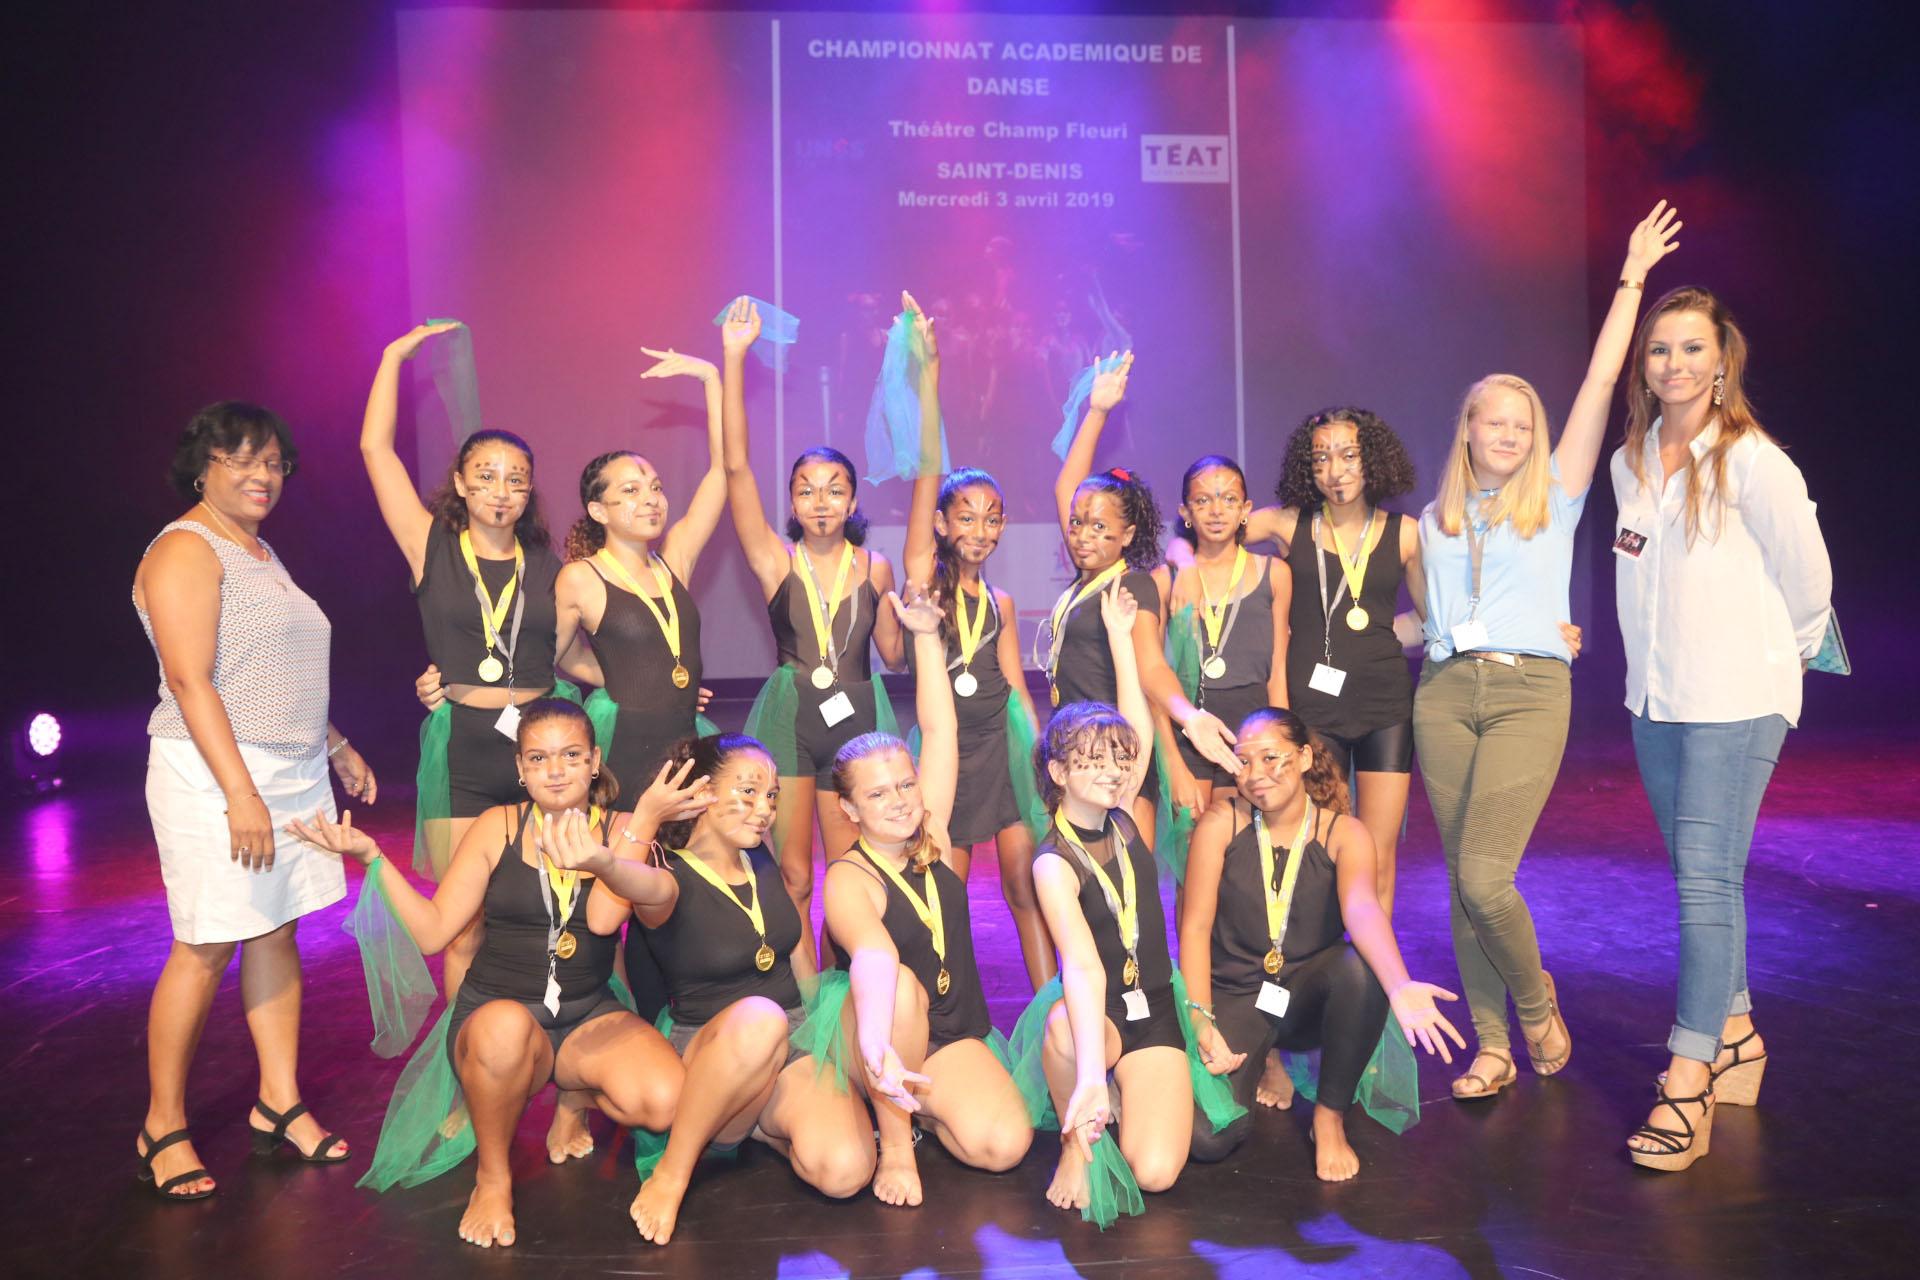 Championnat Académique de Danse 2019: Leconte de Lisle et les Mascareignes champions!